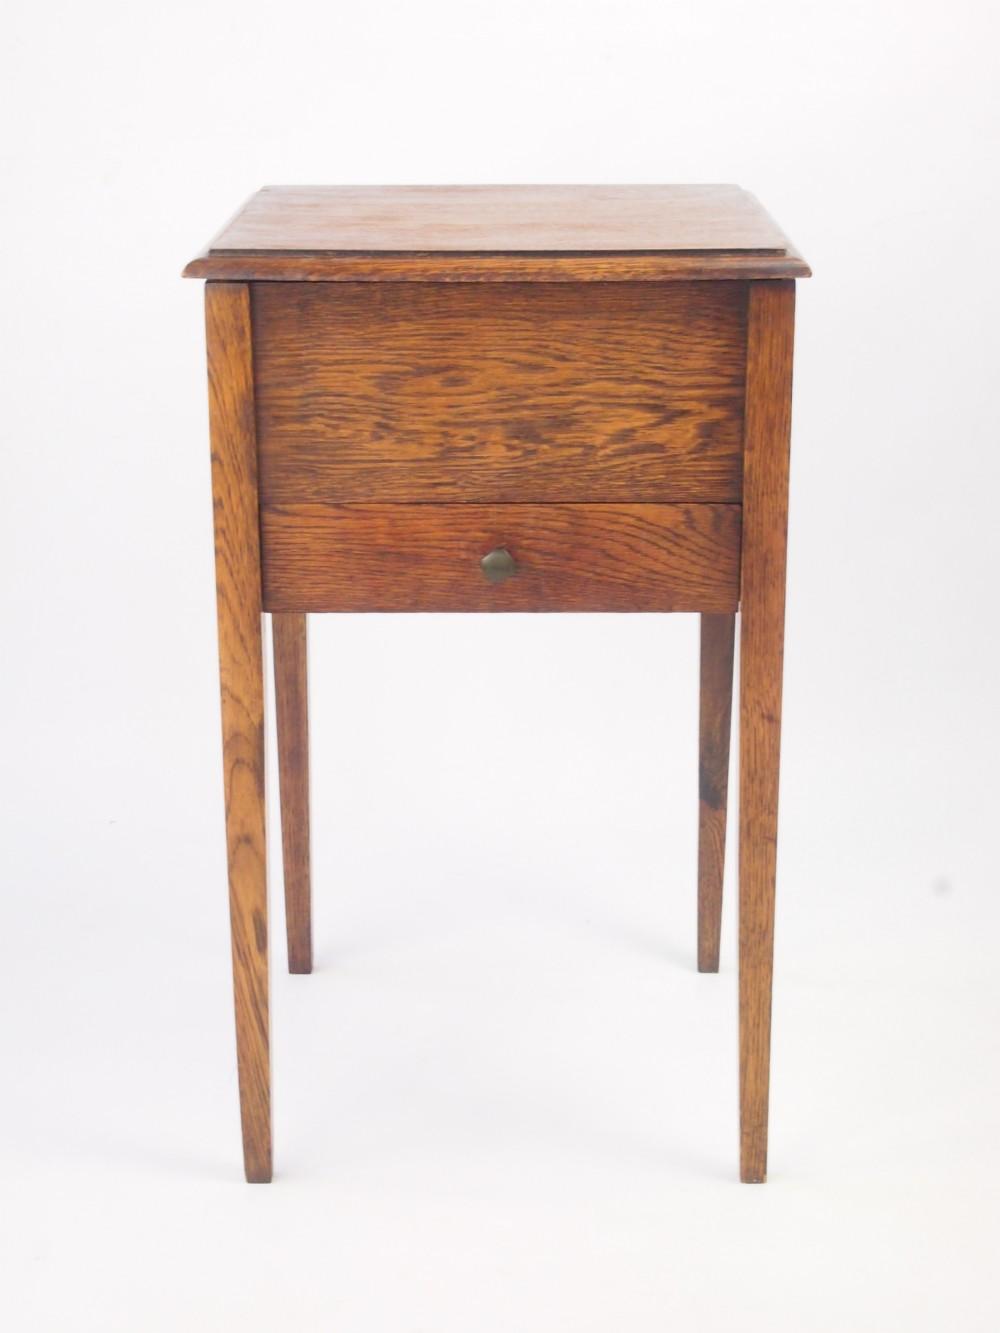 vintage oak sewing box bedside table 296684. Black Bedroom Furniture Sets. Home Design Ideas